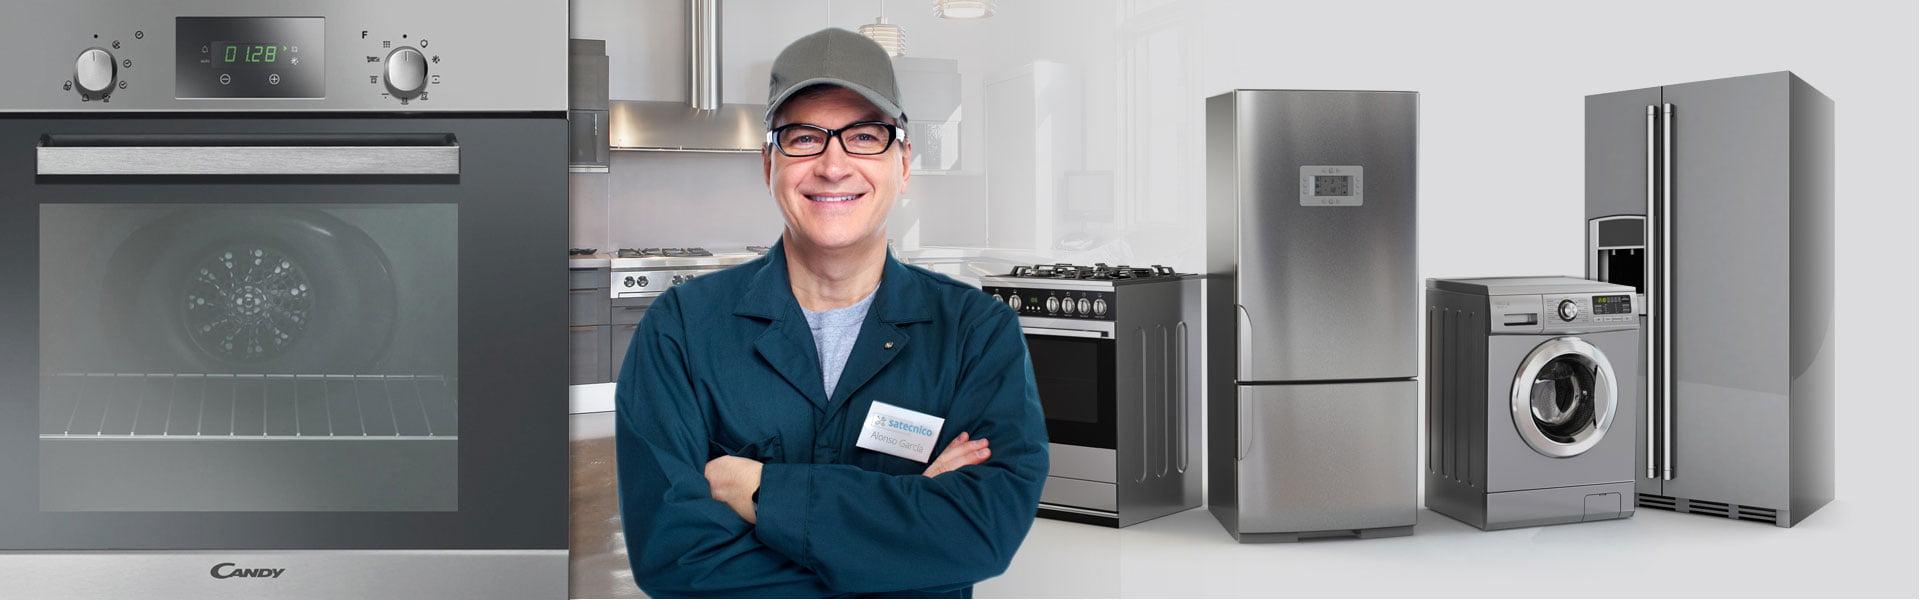 servicio tecnico hornos